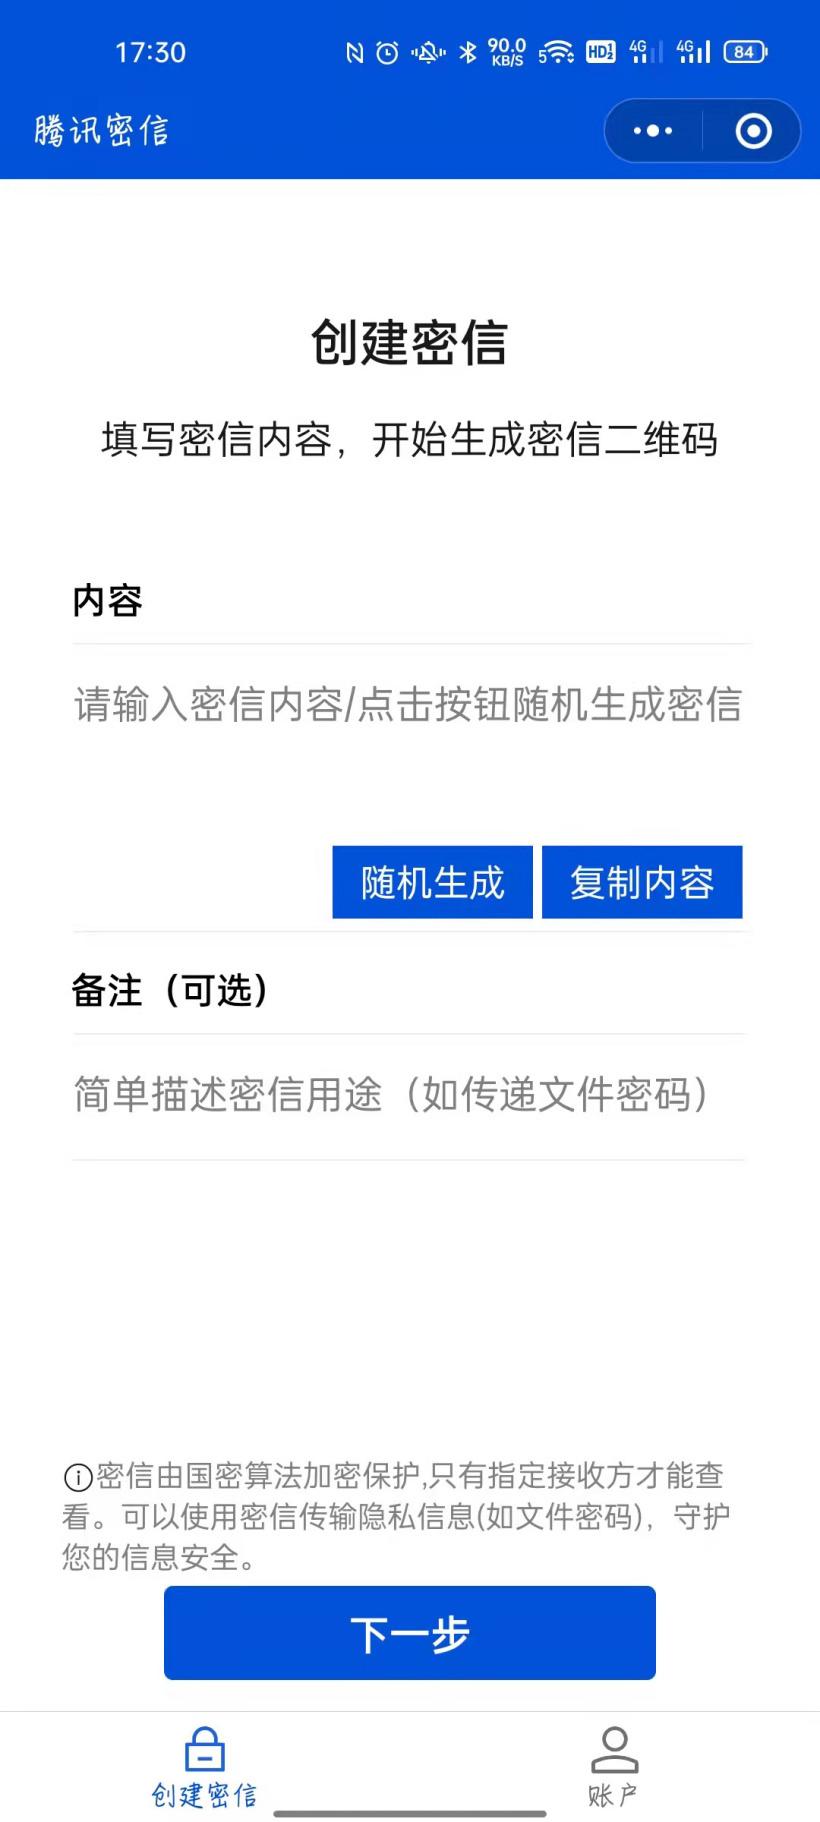 """腾讯近期在微信端上线了一款名为""""腾讯密信""""小程序"""